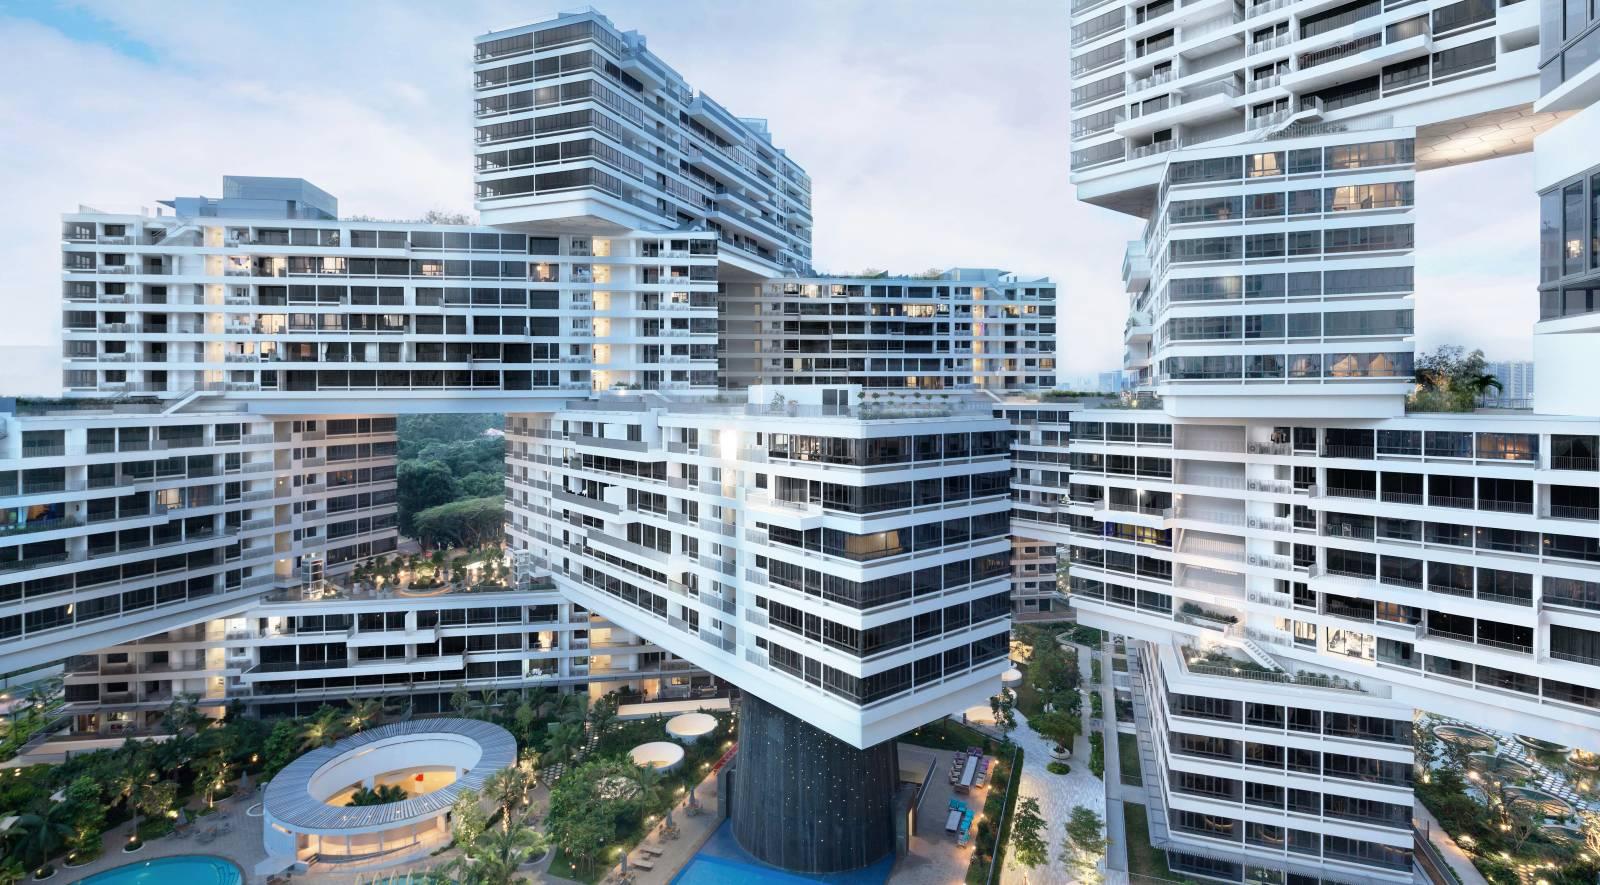 World Architecture Festival 2015